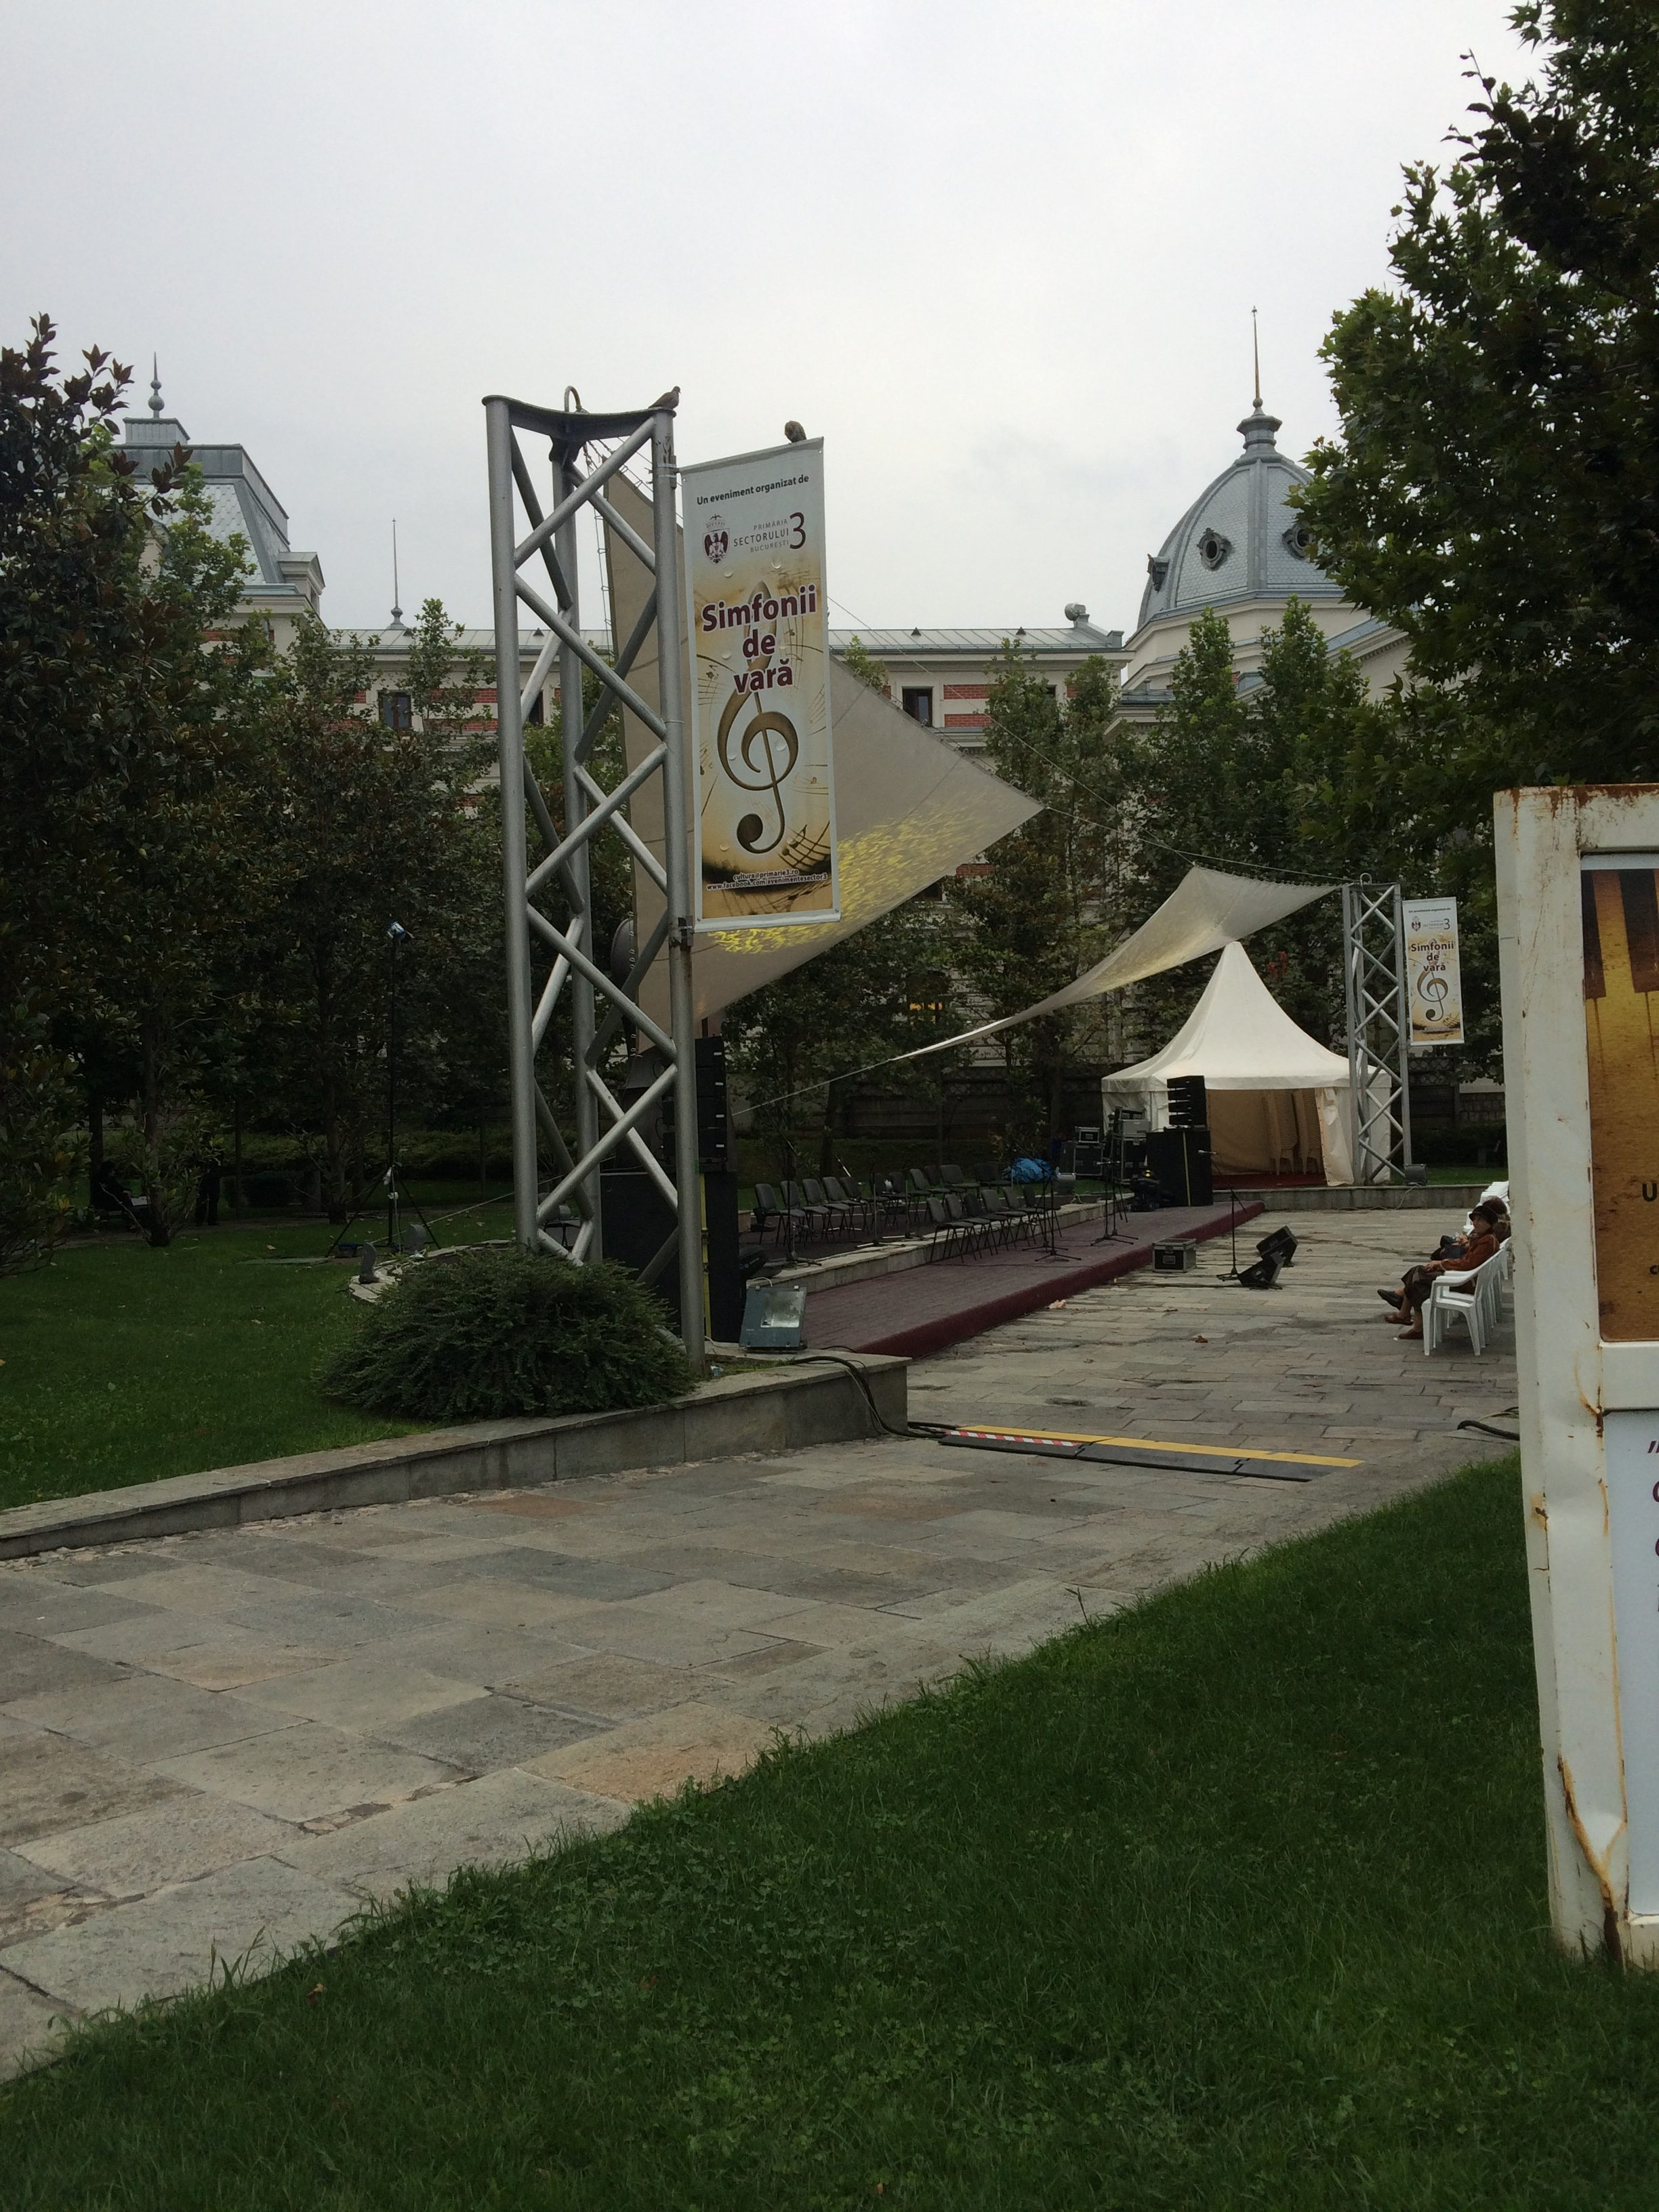 ウニベルシタテ駅前の広場